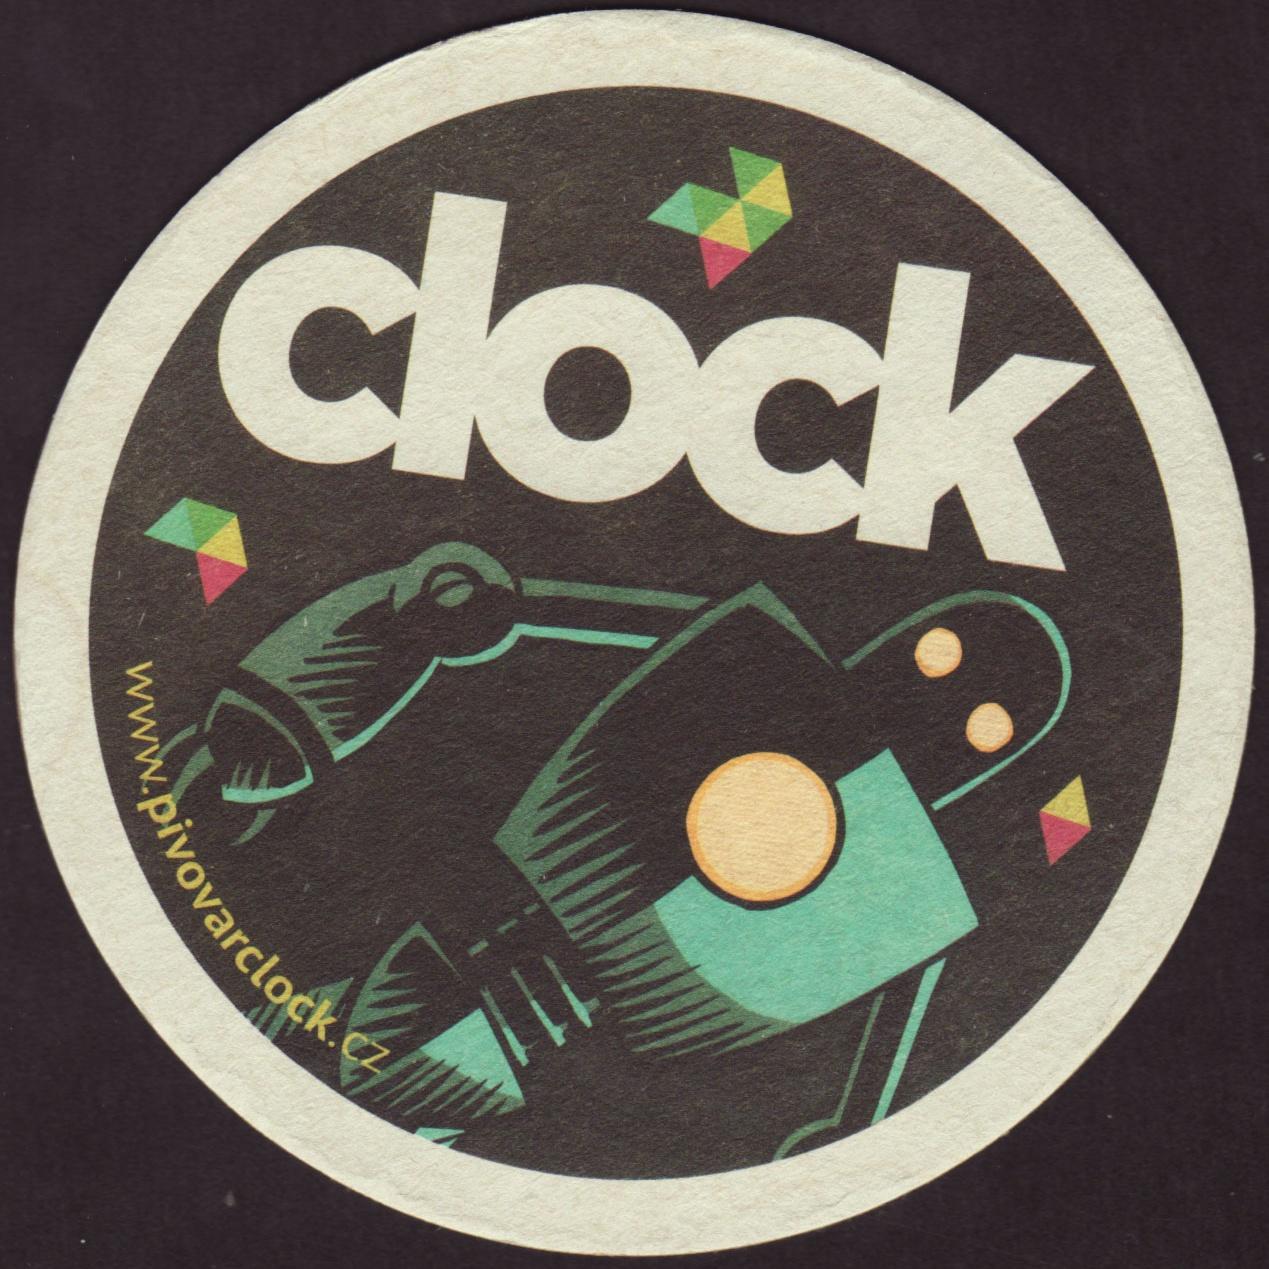 Helga – Pivovar Clock Potštejn